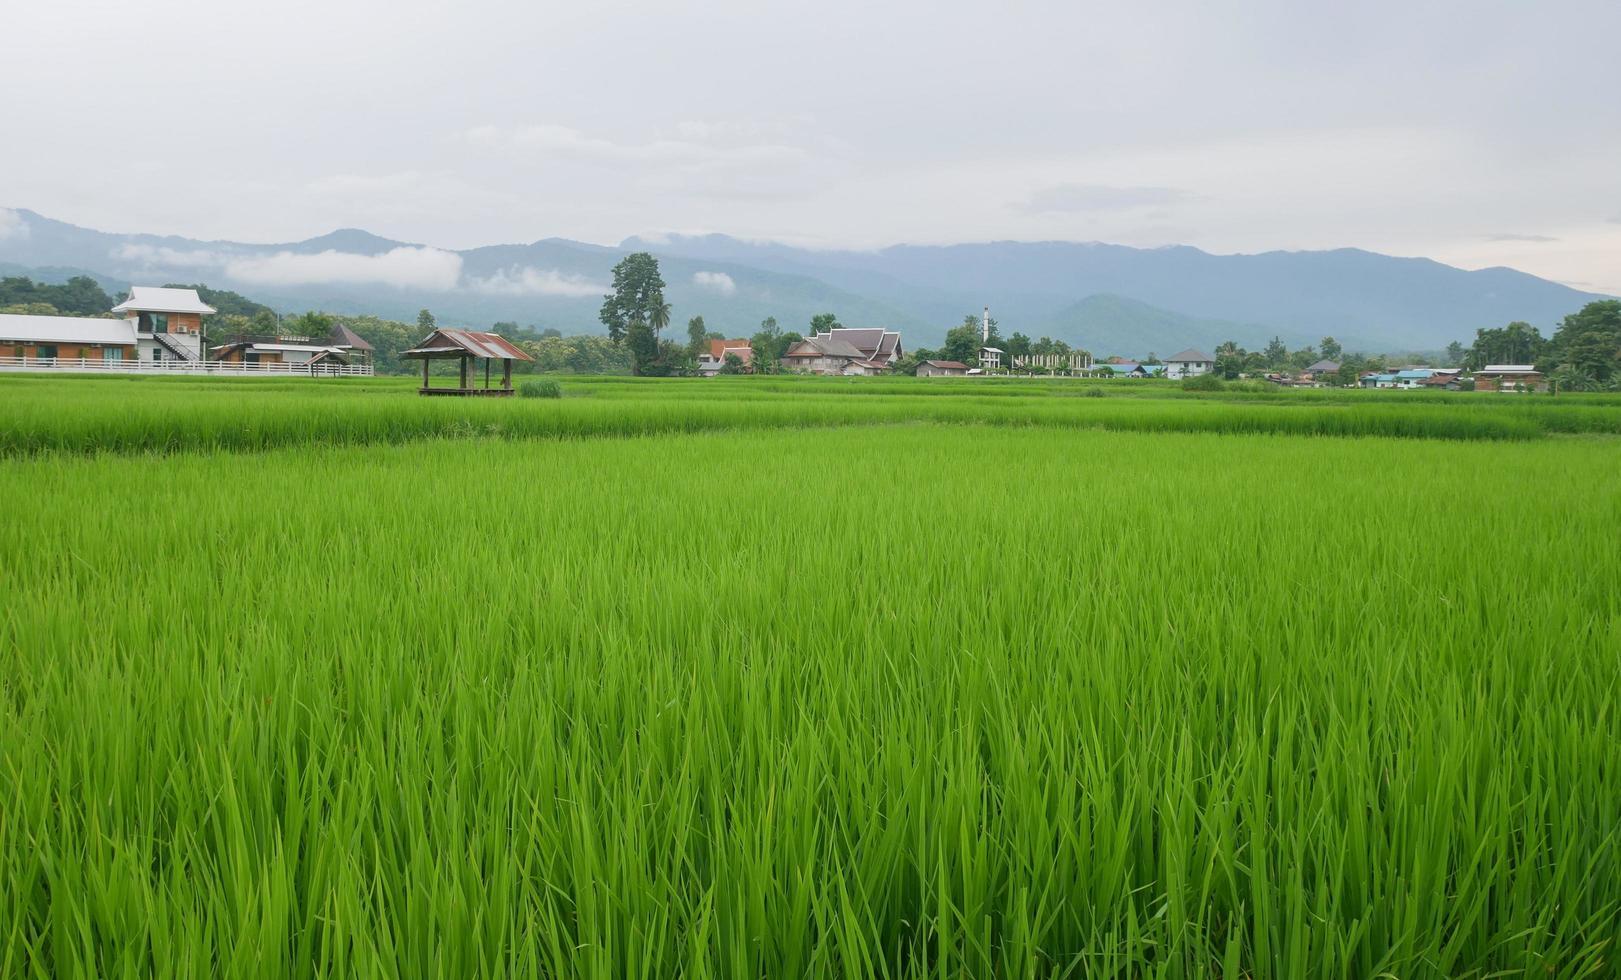 Campos de arroz verde en la temporada de lluvias y montañas. foto